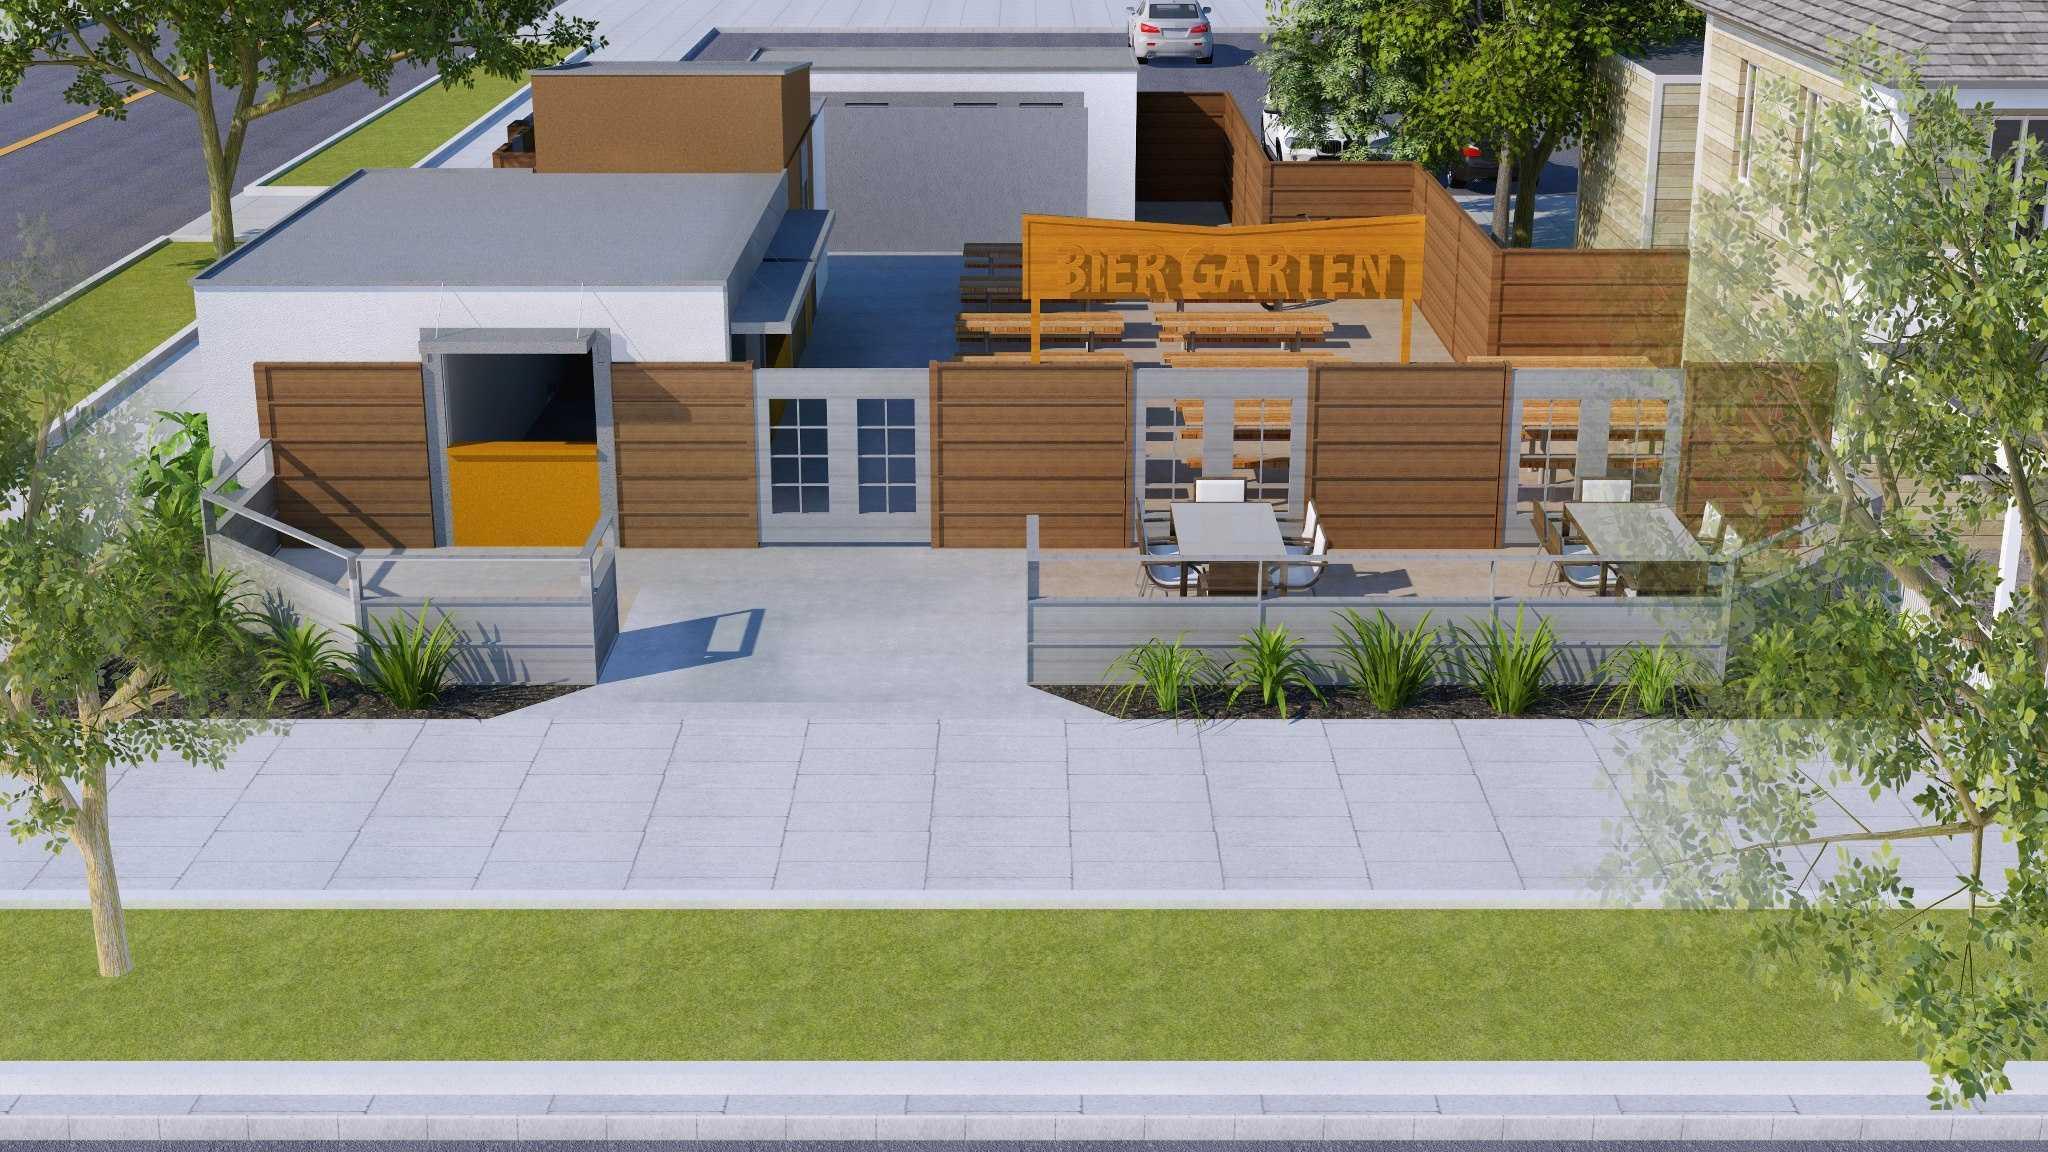 Rendering of the planned Bier Garten in Midtown Sacramento.